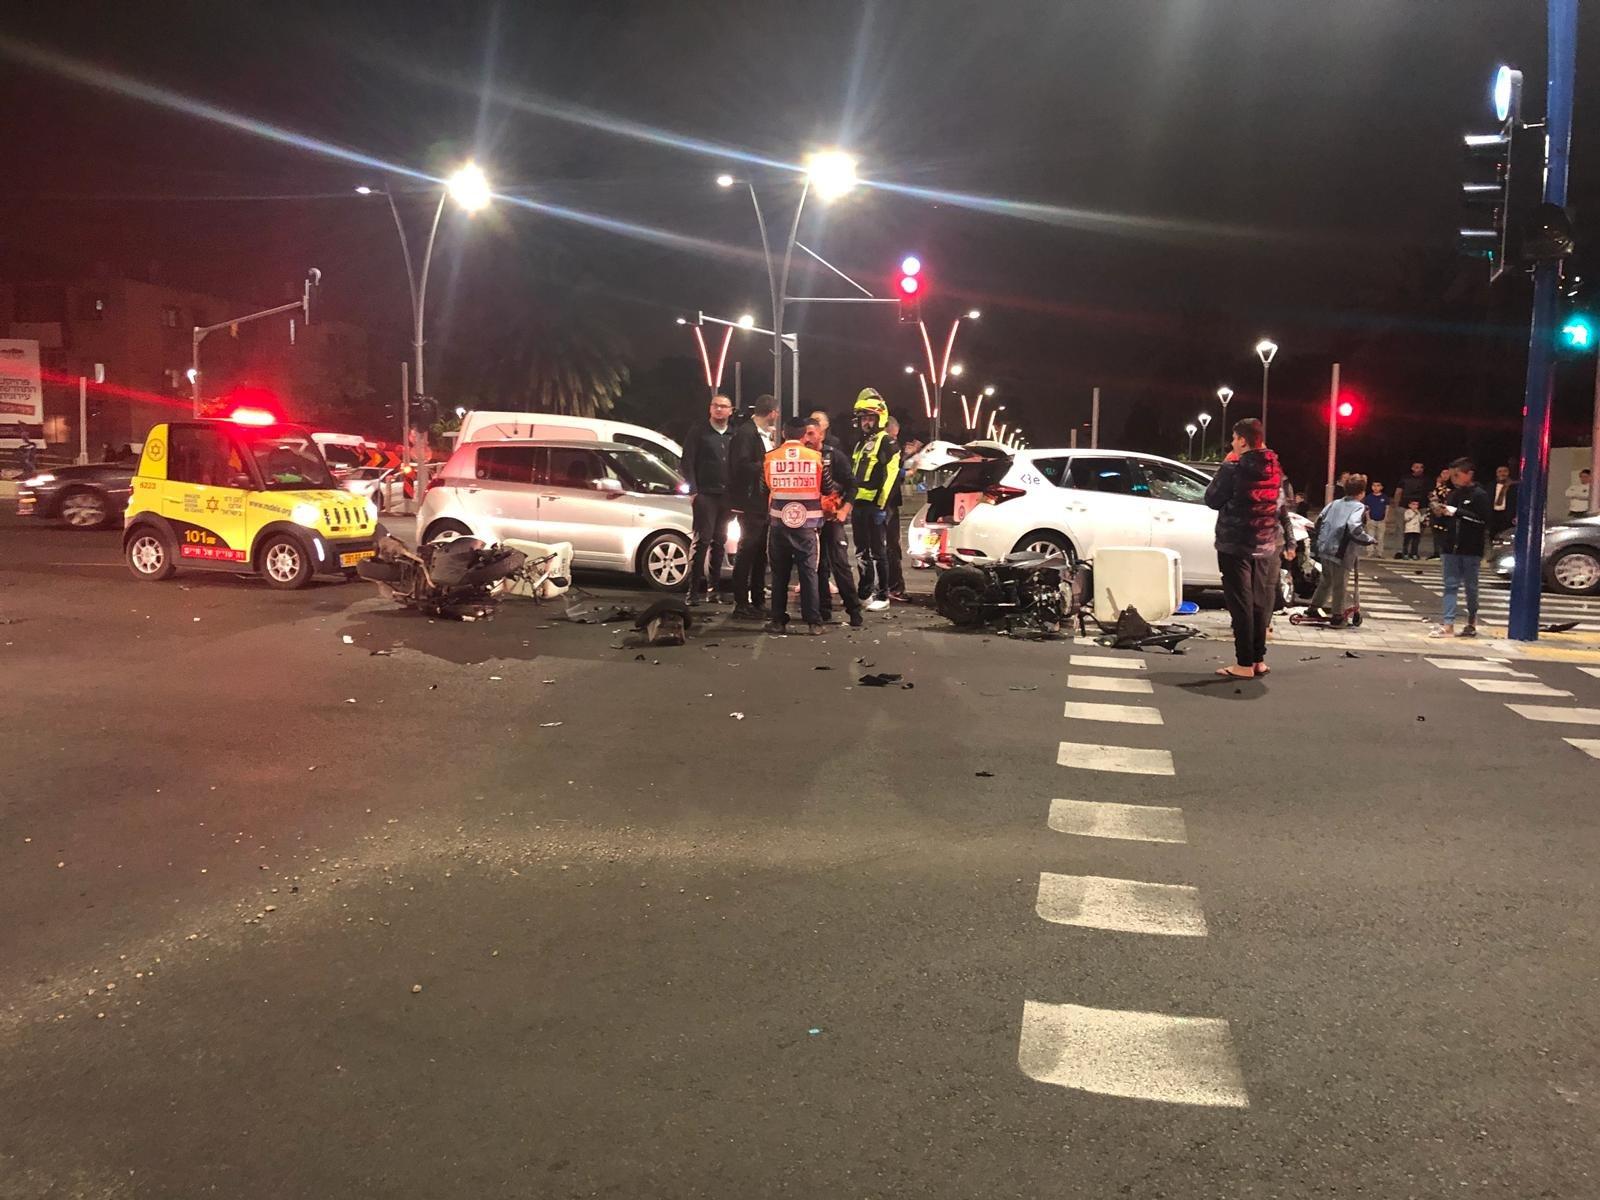 תאונת דרכים צילום: מדא לכיש